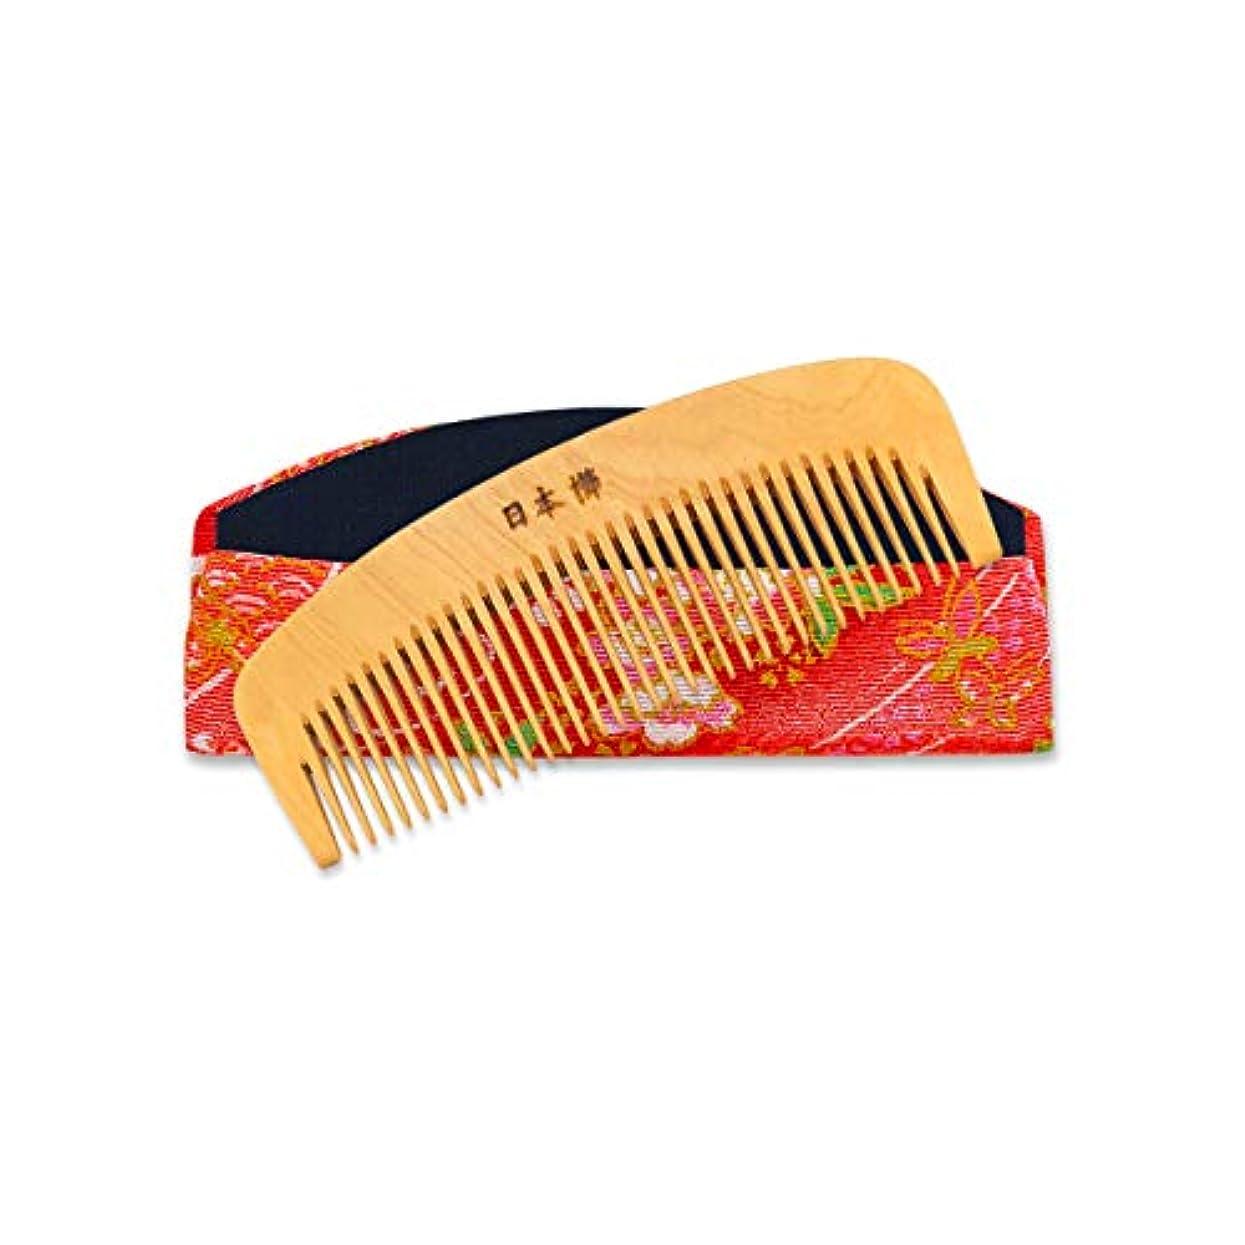 聖なる養う管理本つげ櫛 3寸 とかし櫛 ケース(色?柄おまかせ)付き 椿油仕上げ 静電気防止 つげ櫛 伝統工芸品 国産 日本製(3寸)